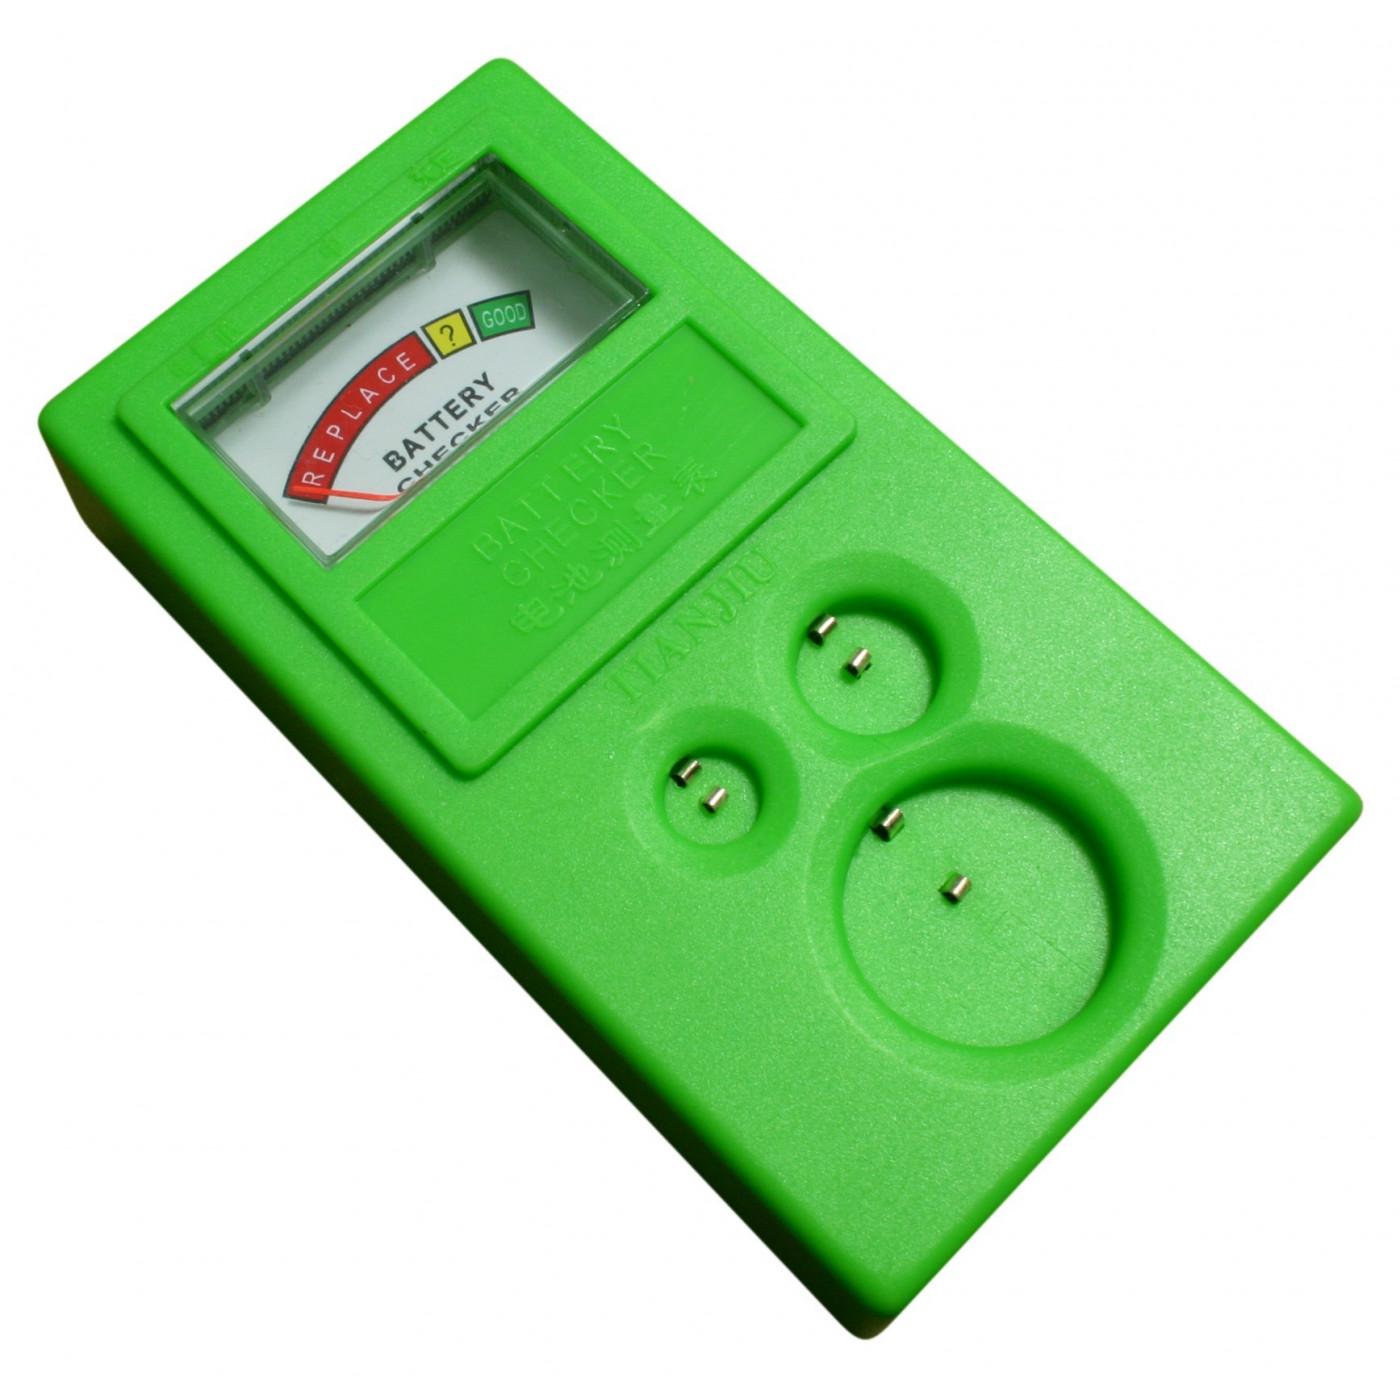 Batterijtester voor knoopcel batterijen